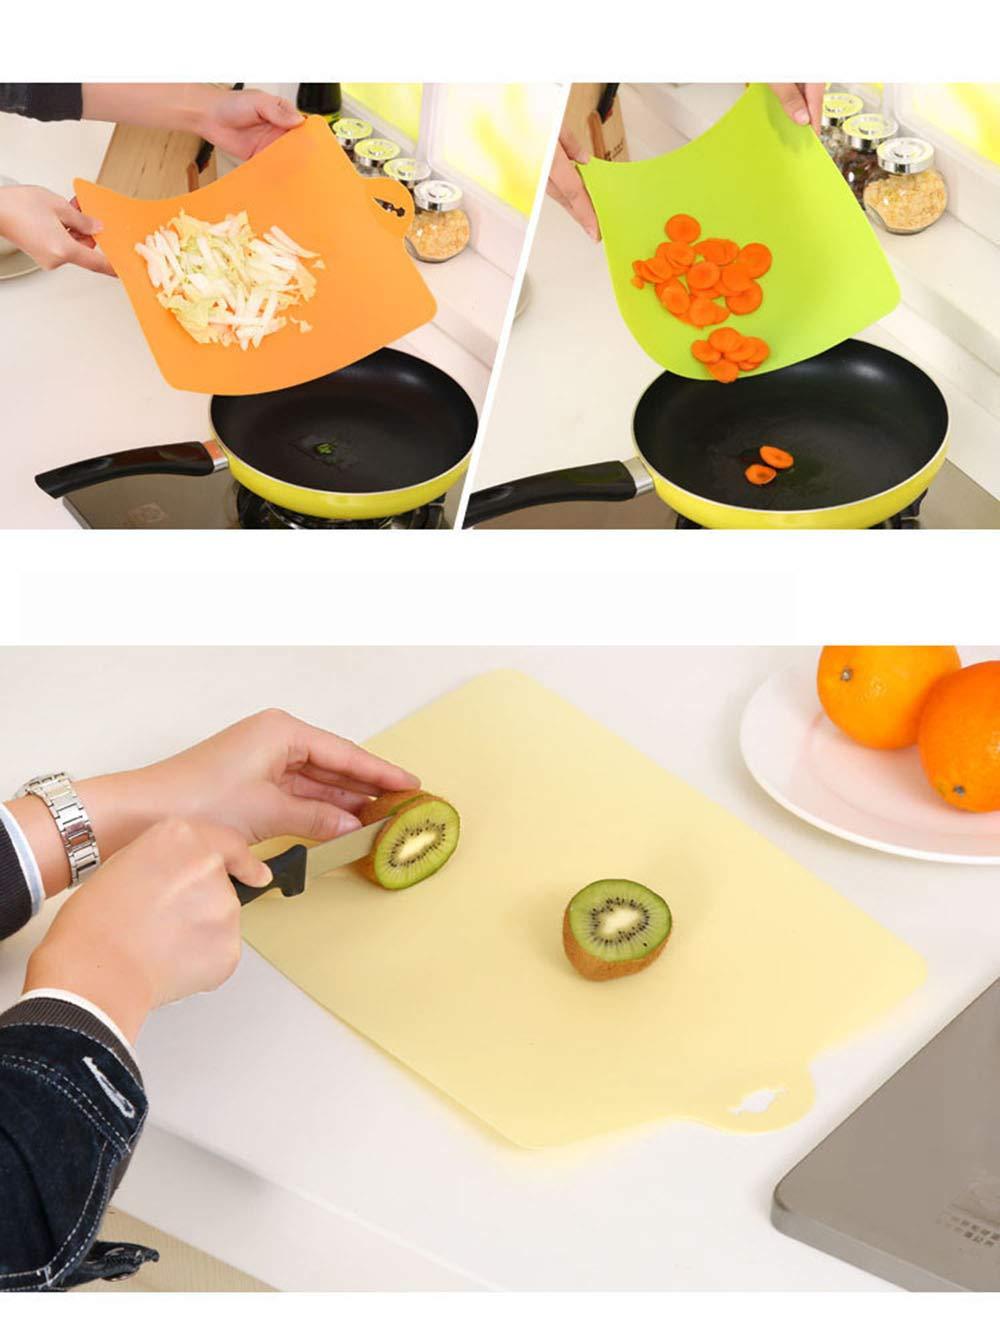 KAEHA qcb-0001-25-x Tabla de cortar de cocina f/ácil de plegar hecha de pl/ástico duradero de color beige